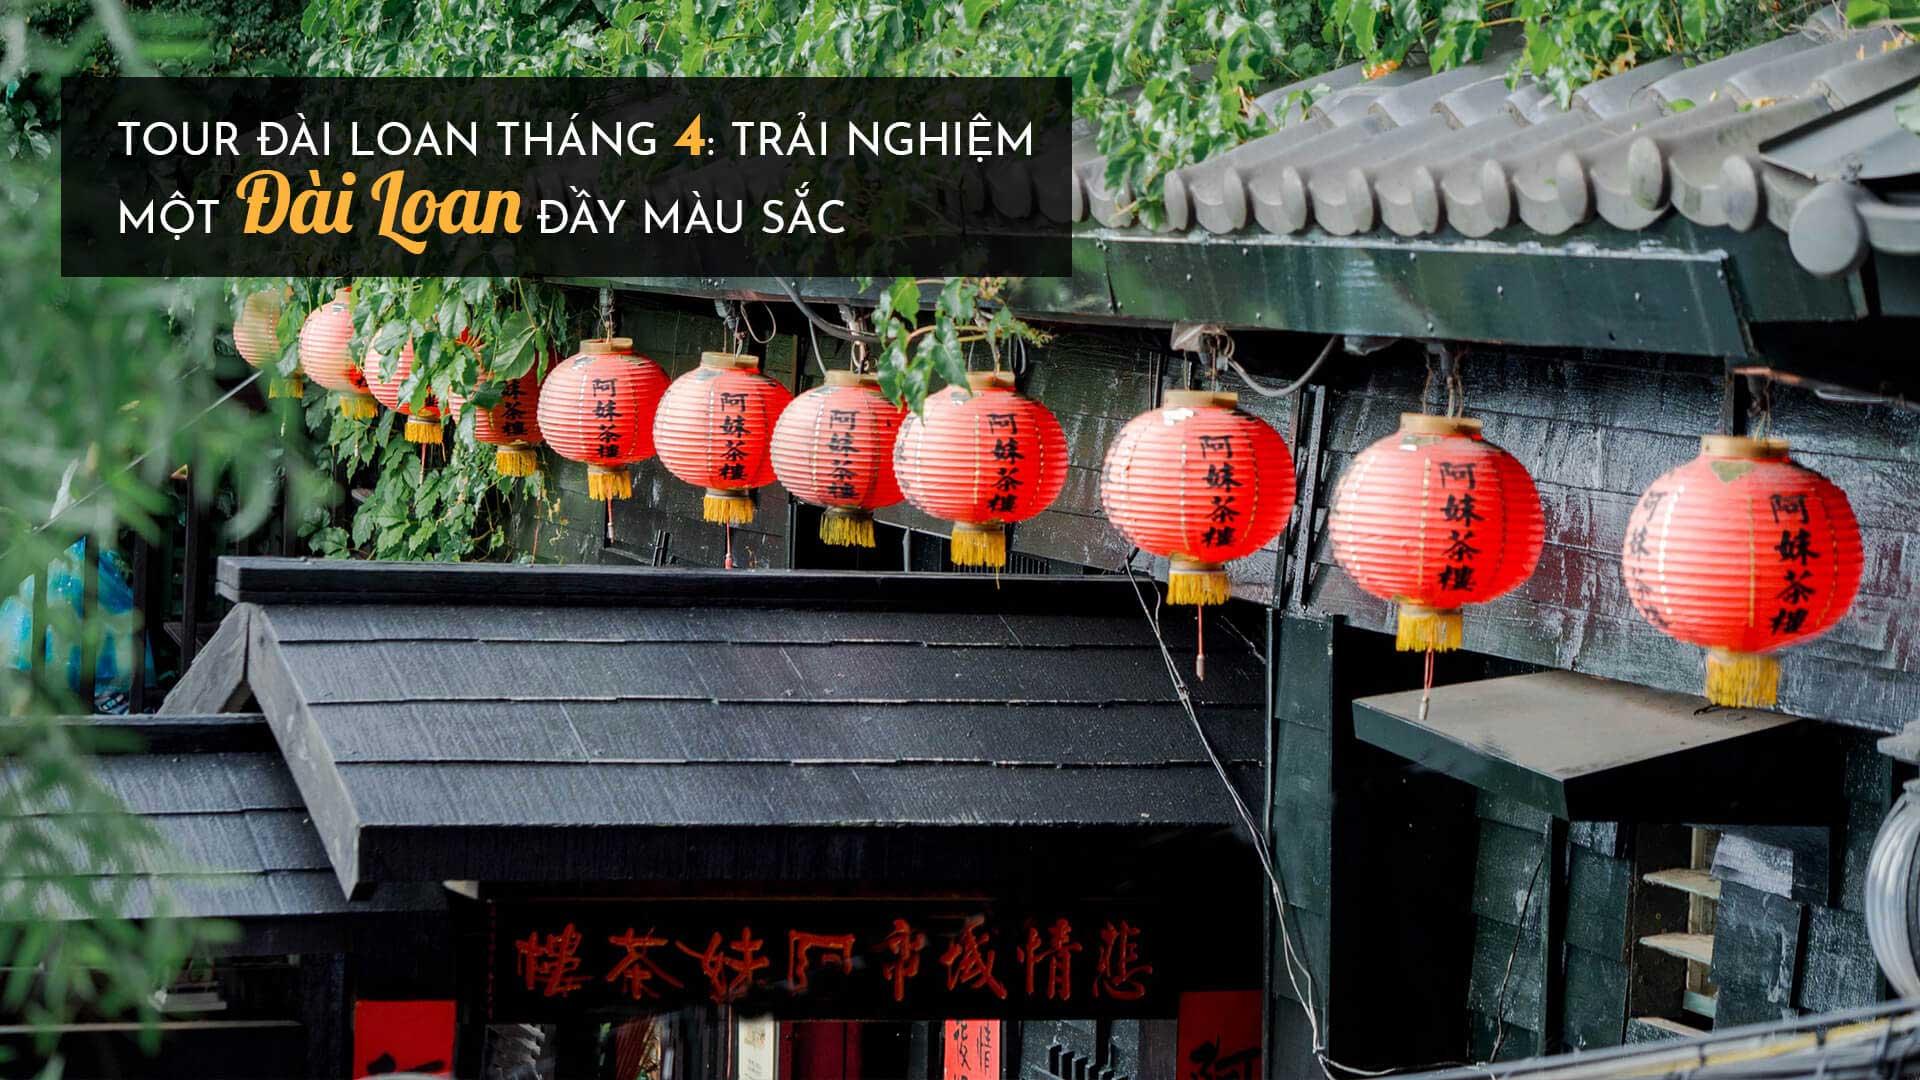 Tour Đài Loan tháng 4: Trải nghiệm một Đài Loan đầy màu sắc